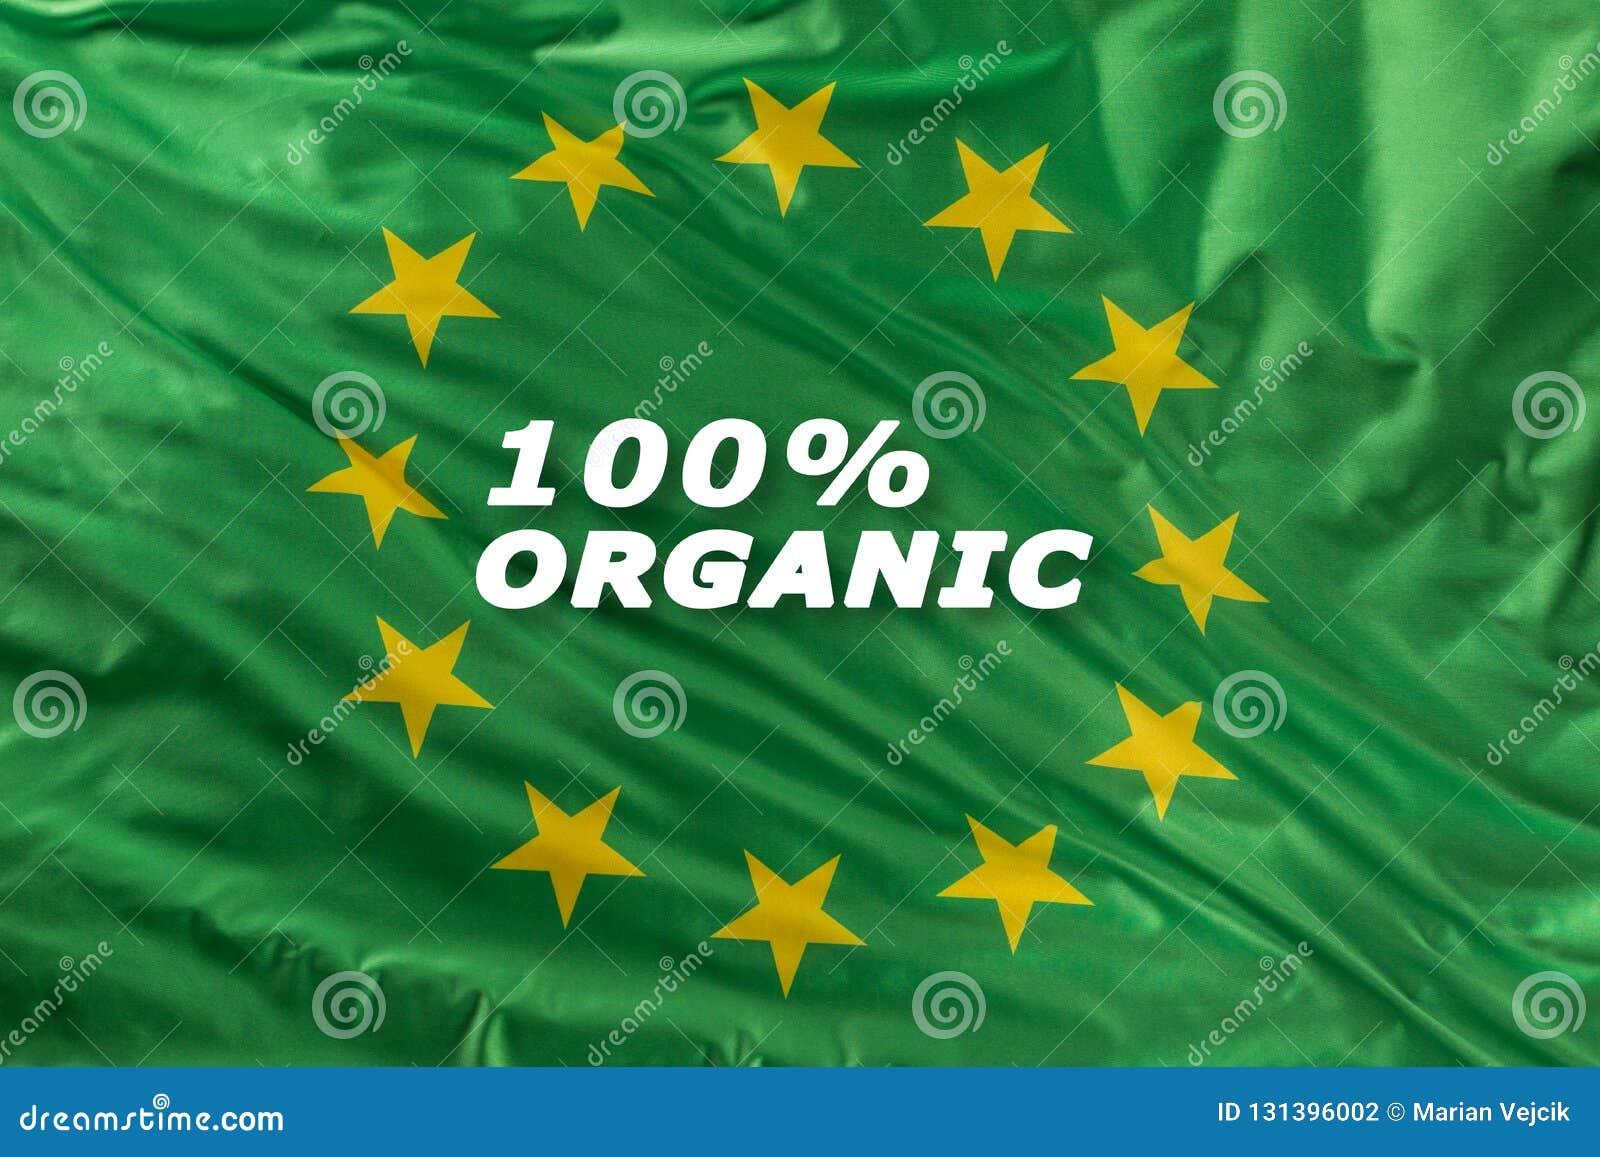 Grüne Flagge der Europäischen Gemeinschaft als Kennzeichen der organischen Bionahrung oder der Ökologie